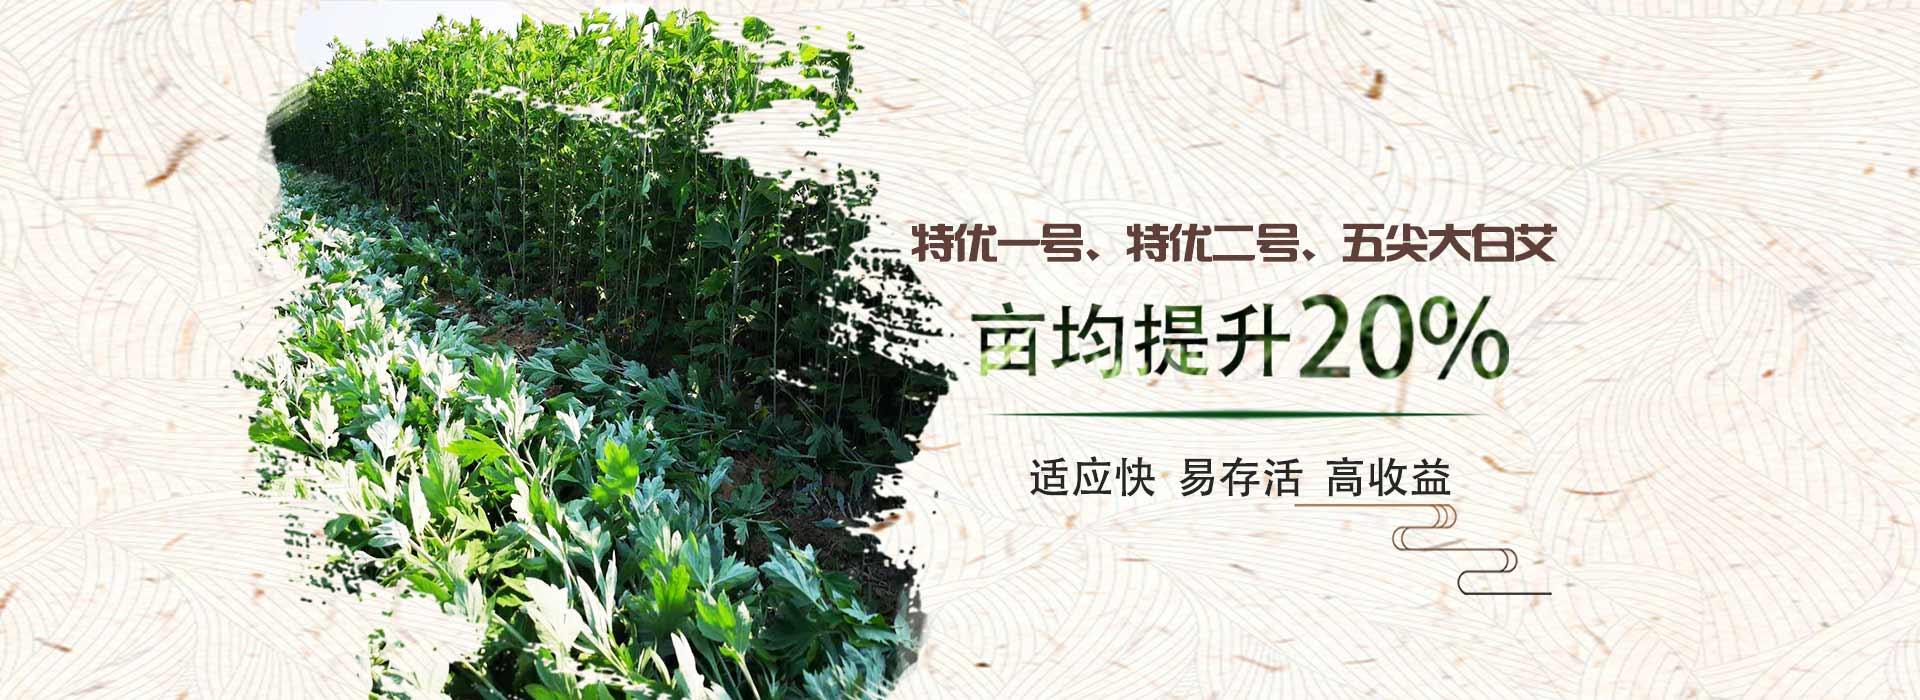 绿爱-艾苗品种